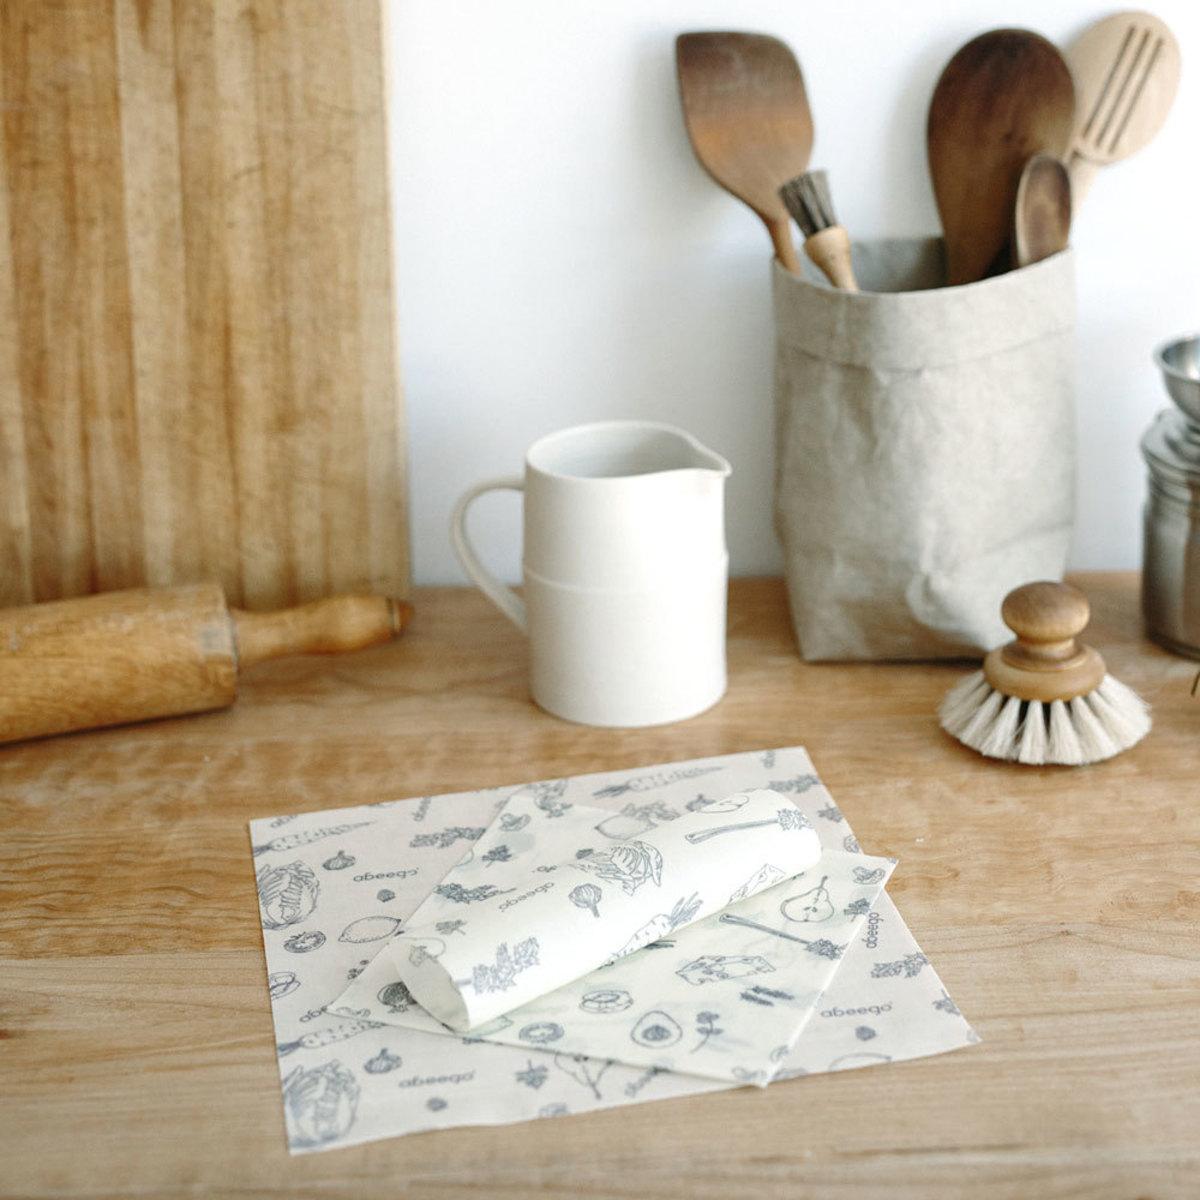 abeego-beeswax-wraps-kitchen_1_1__53634.1502809120